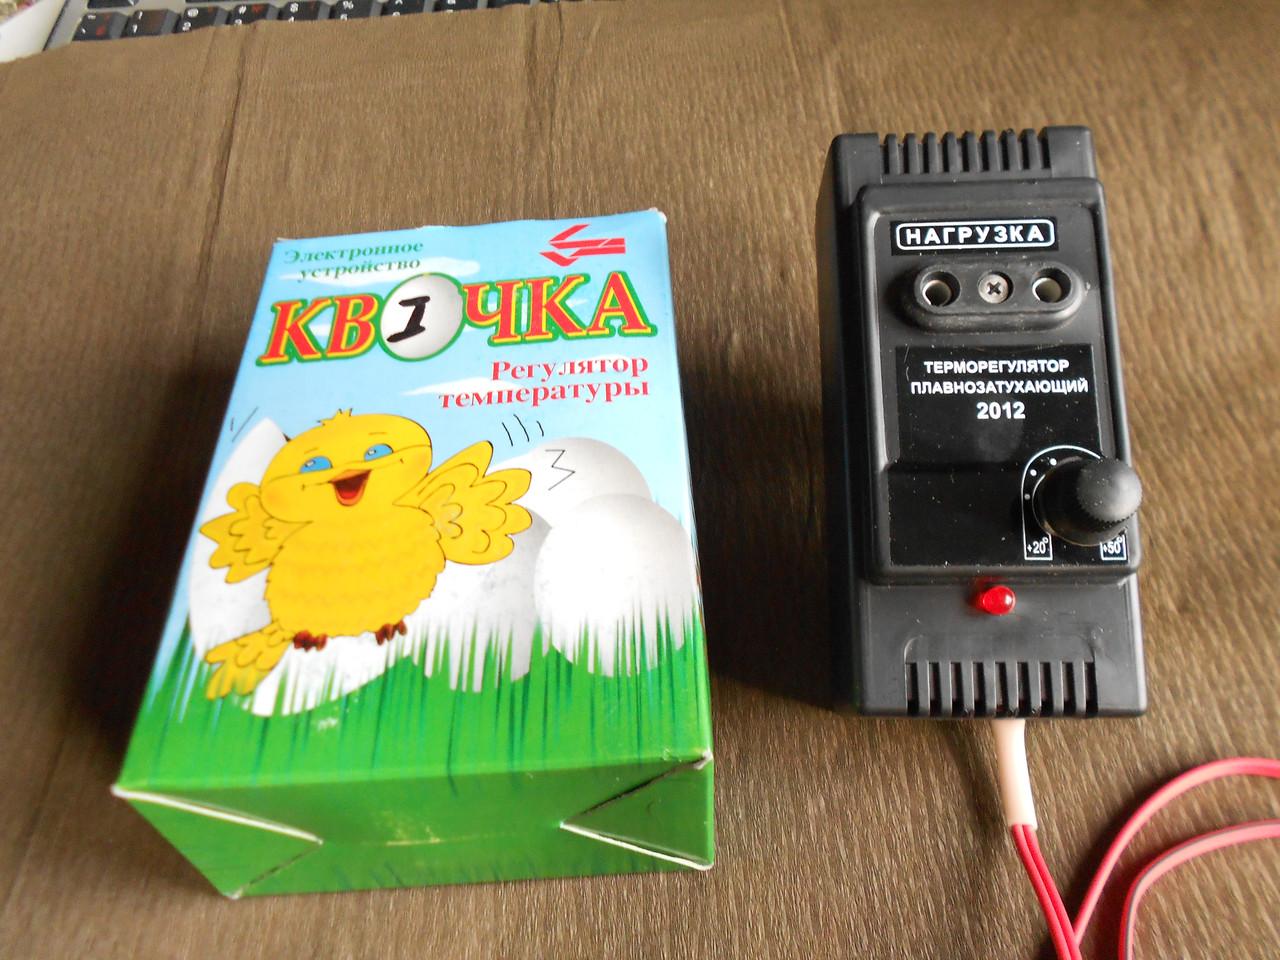 Терморегулятор для инкубатора Квочка-1 плавнозатухающий (на 1 ручку управления) - Интернет магазин Лафа в Полтаве